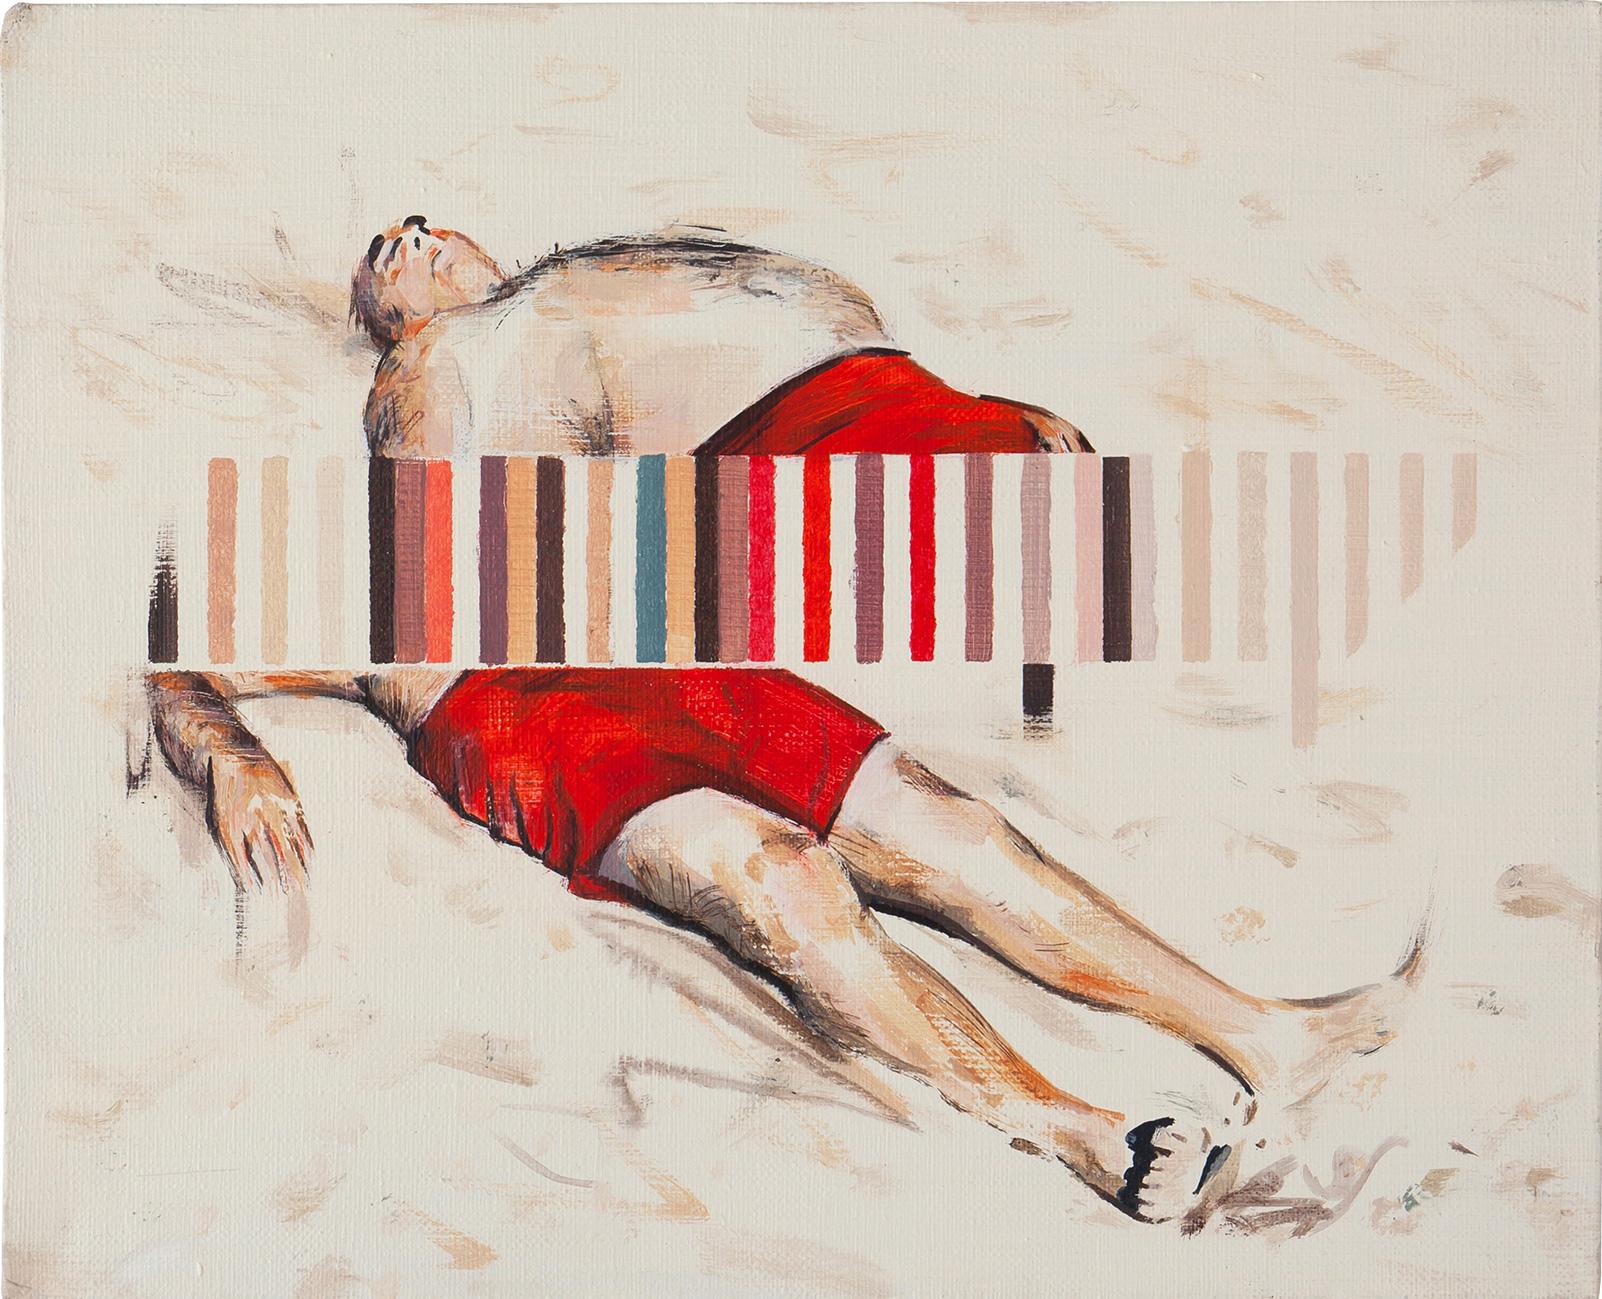 Drift by Darren Coffield